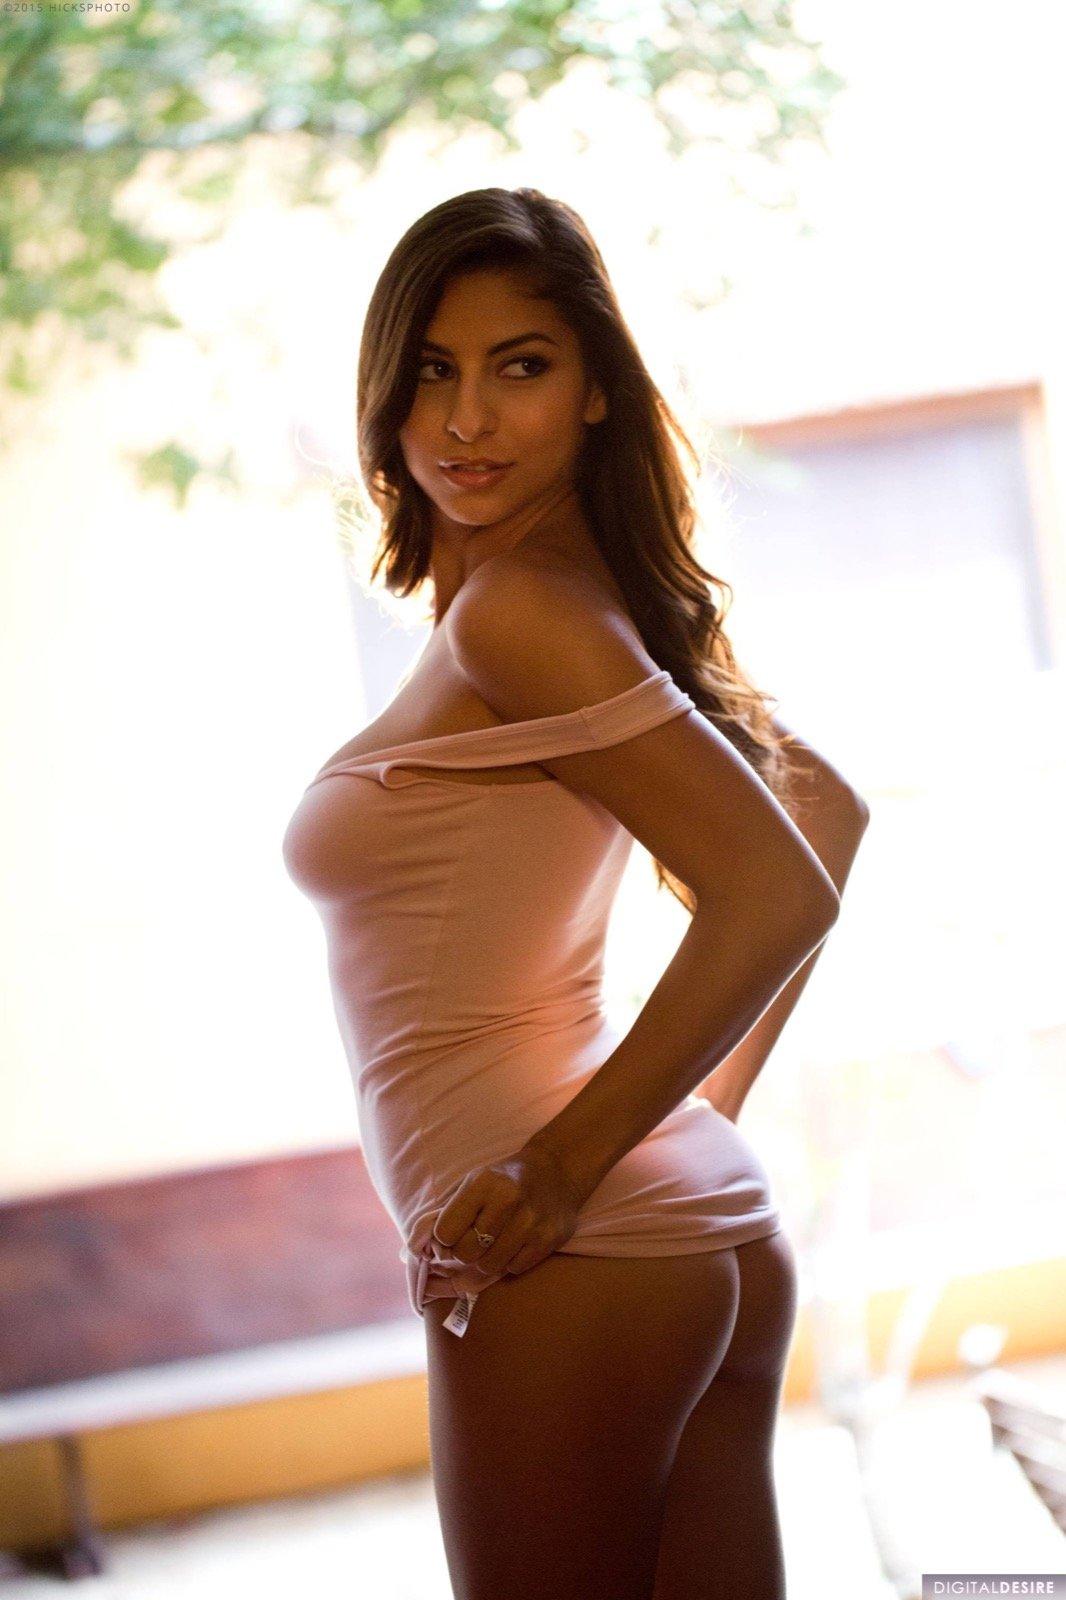 Прекрасная сучка в облегающем платье на голые титьки